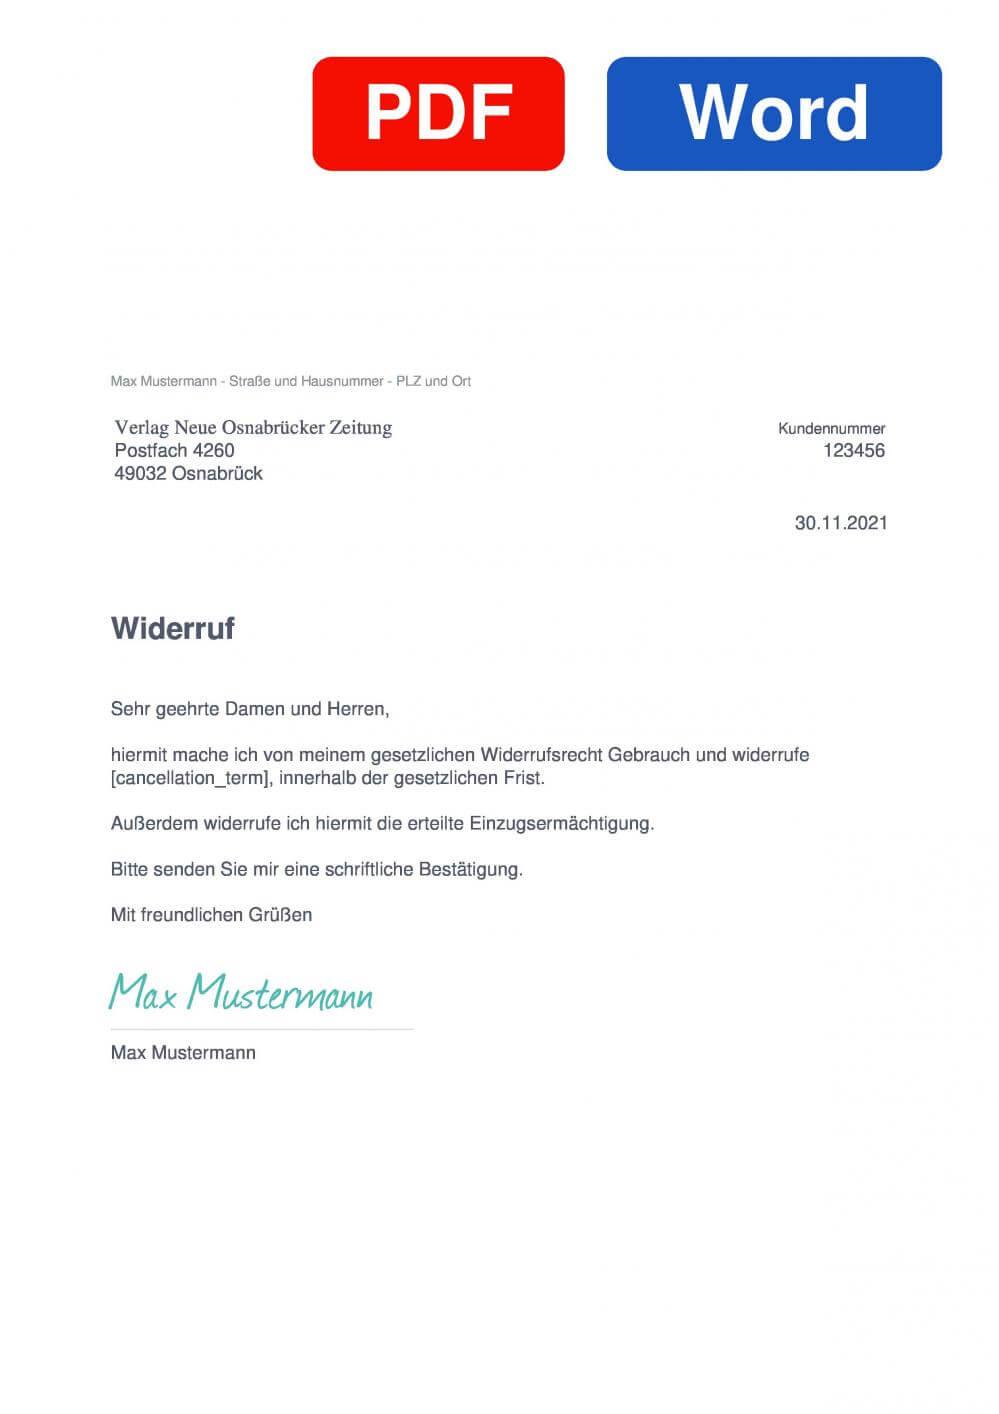 Lingener Tagespost Muster Vorlage für Wiederrufsschreiben